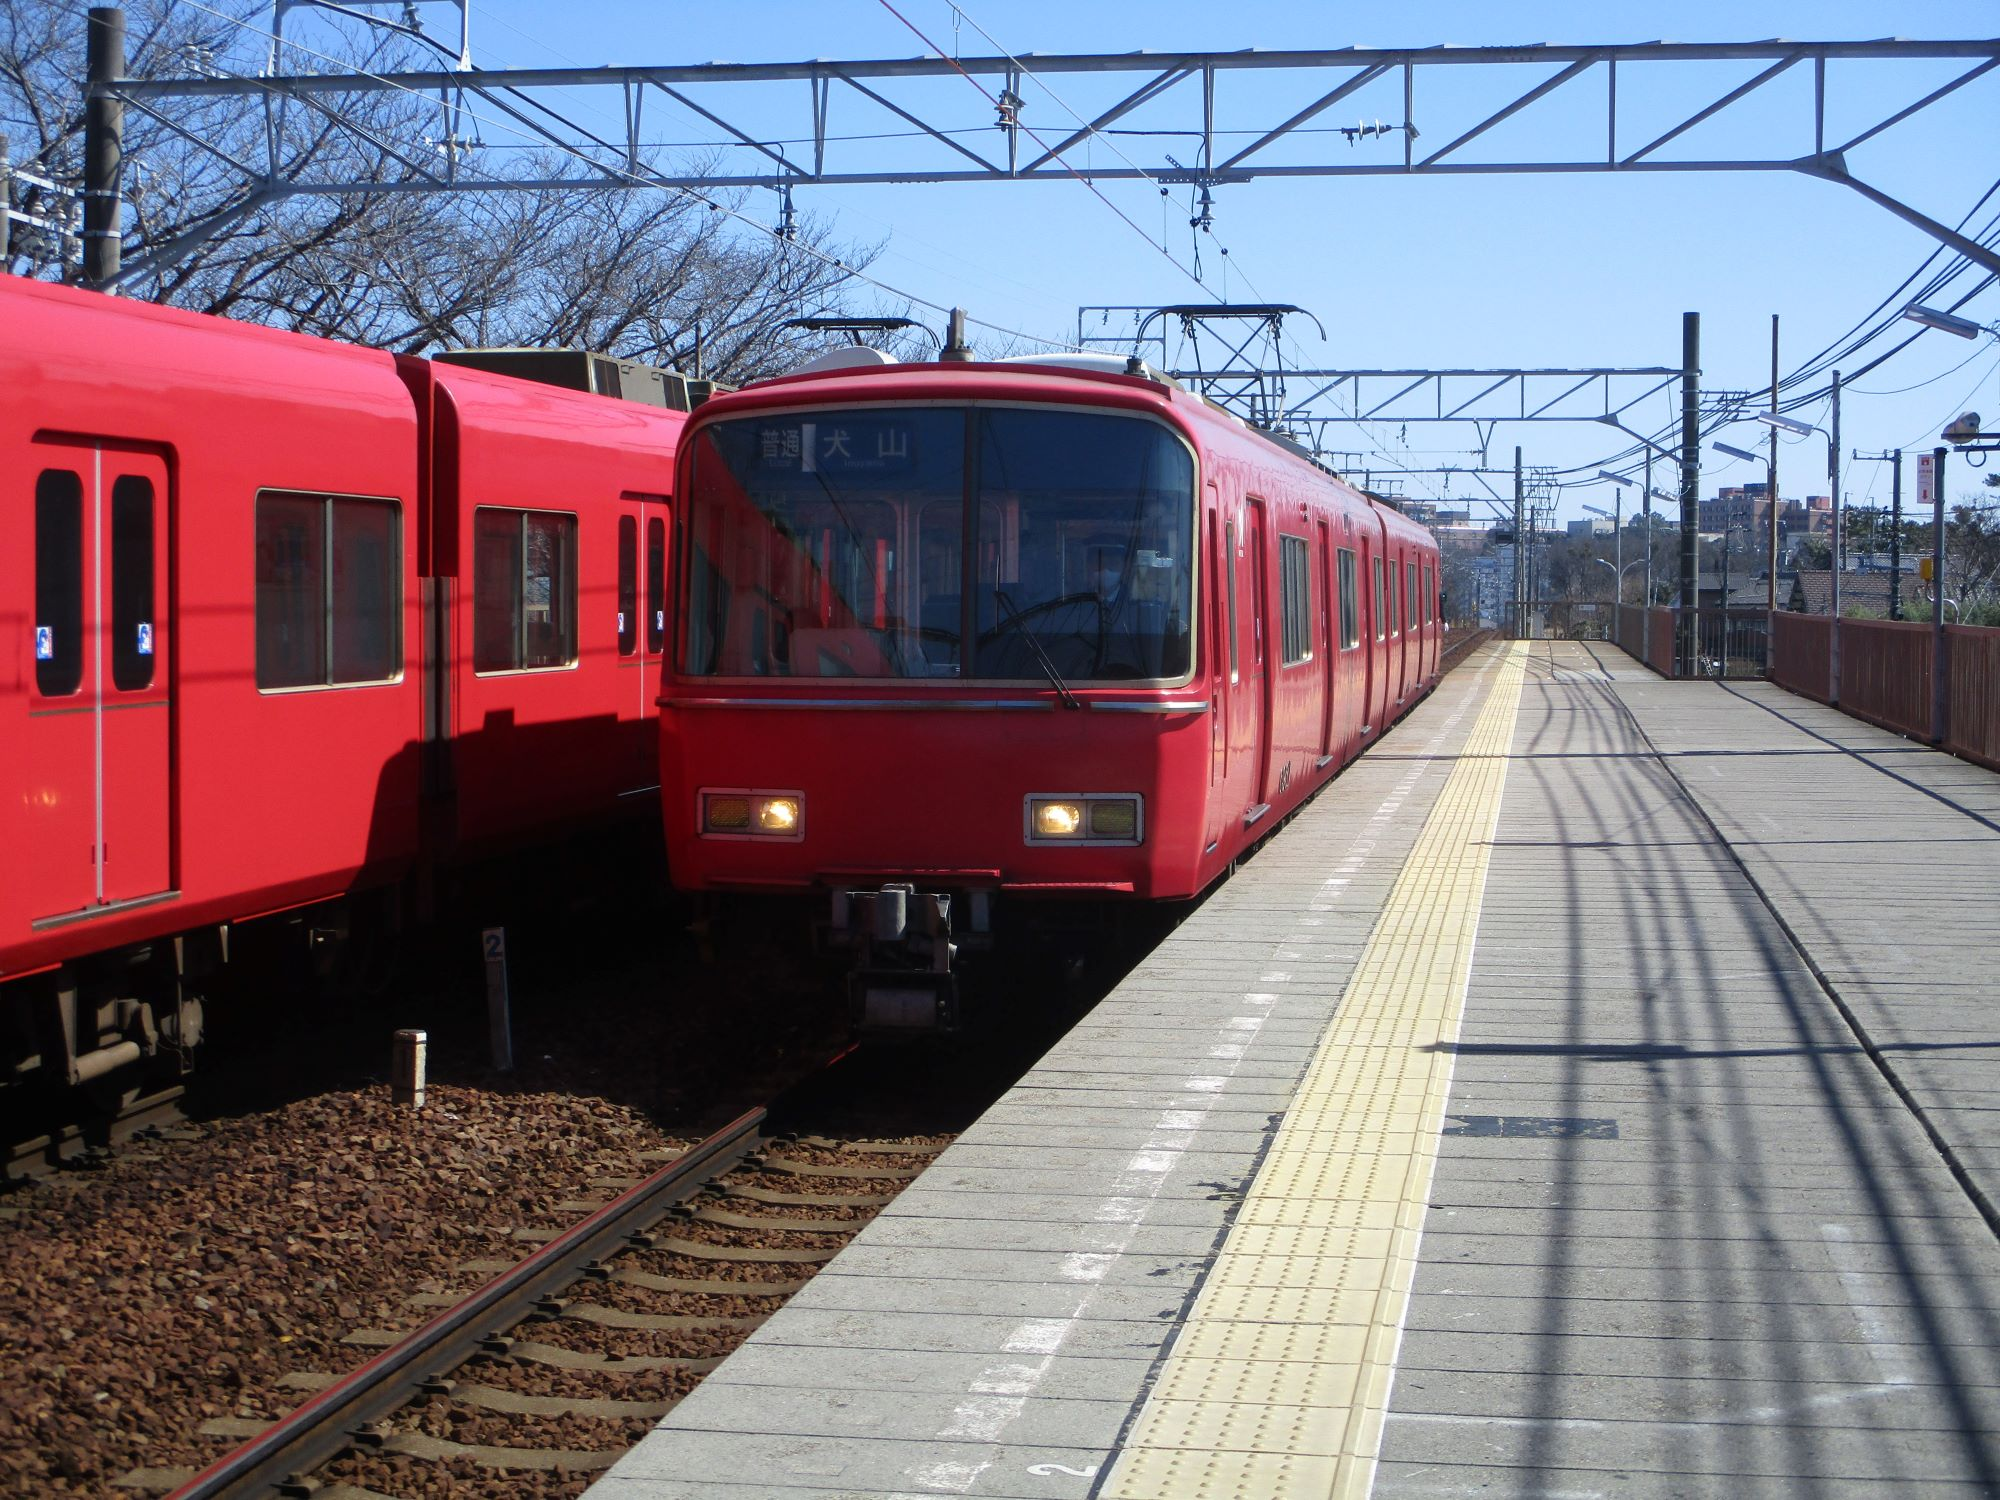 2020.3.6 (66) 岡崎公園前 - 犬山いきふつう 2000-1500